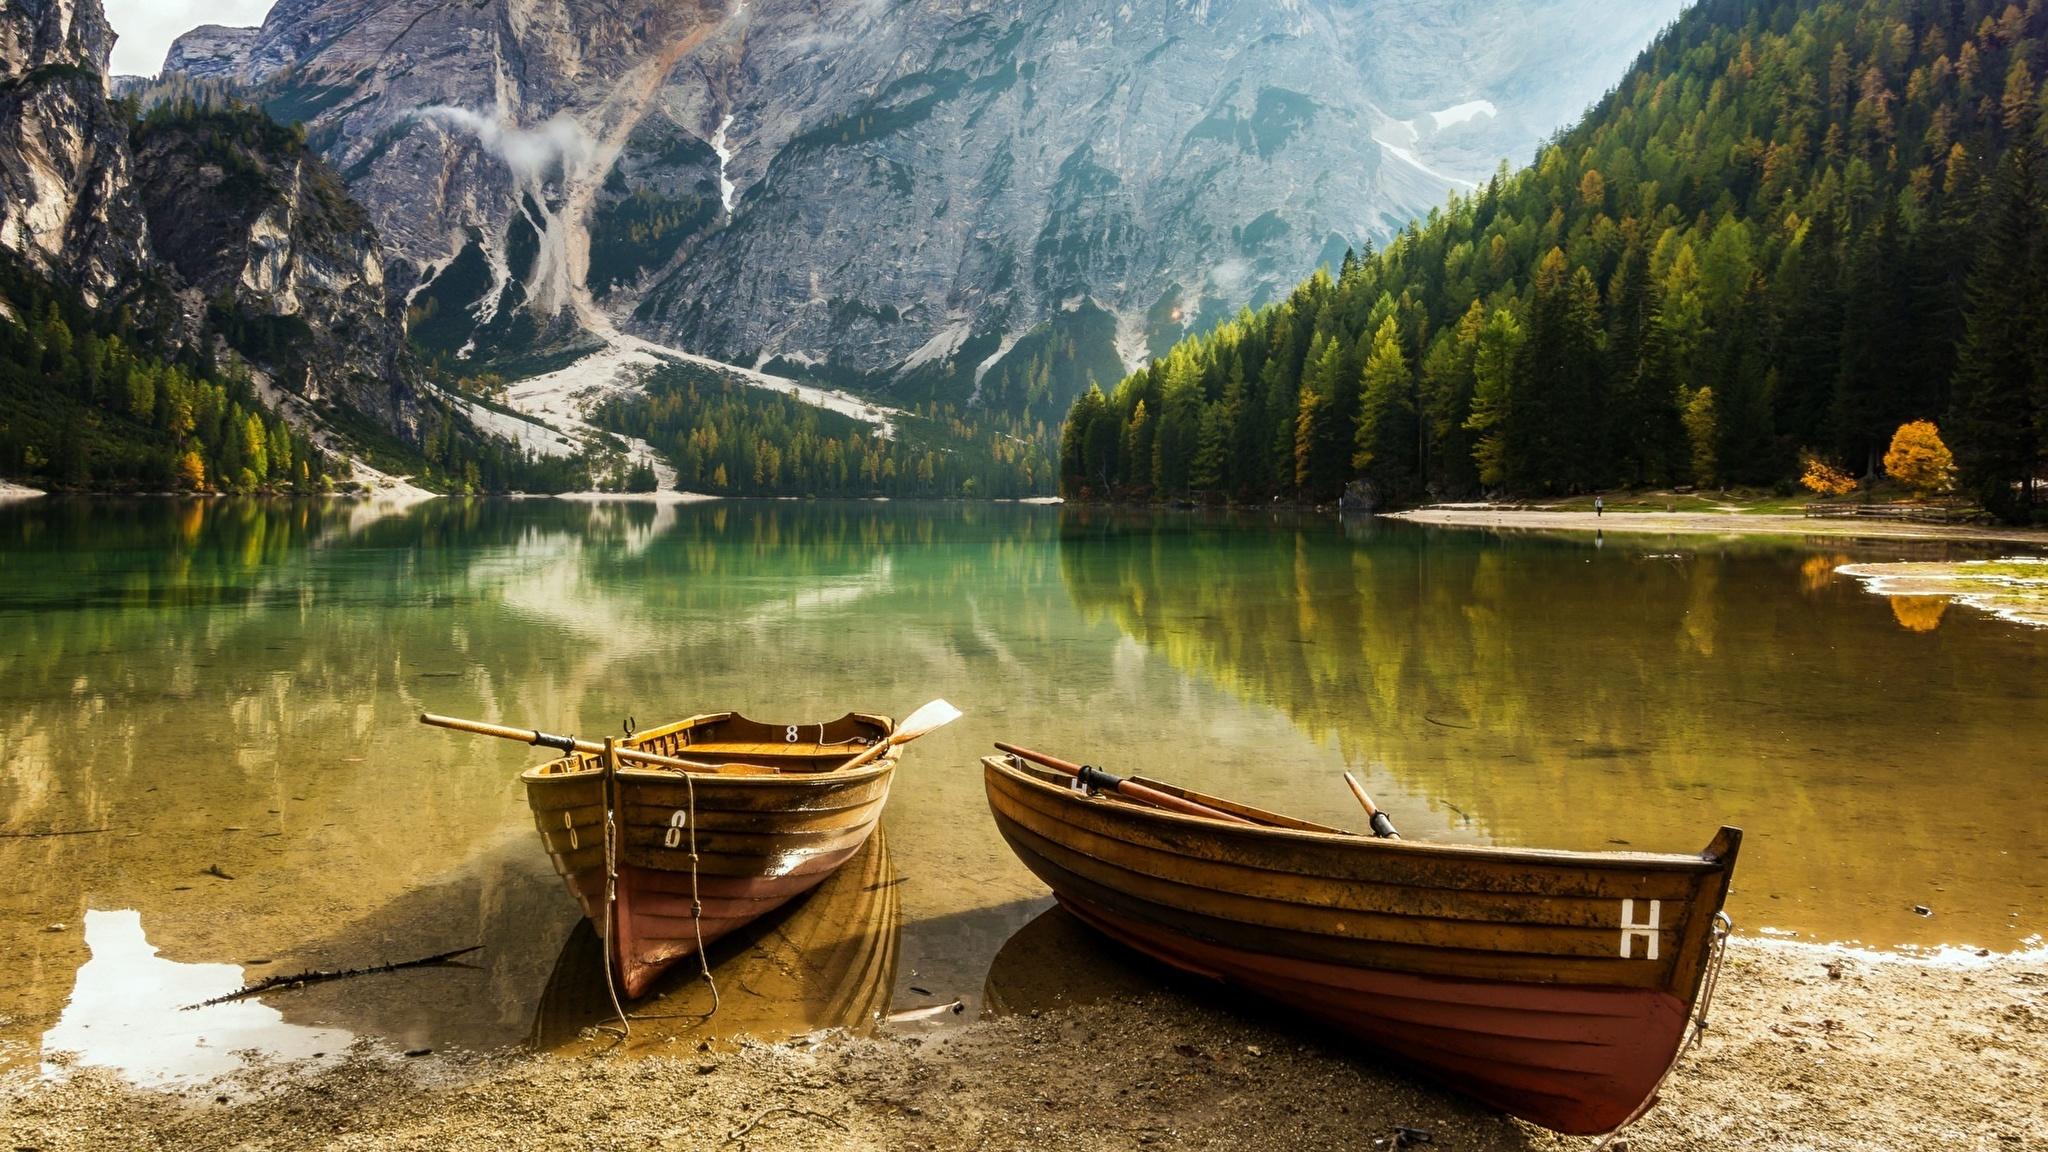 На лодке в горном озере  № 3062432 загрузить